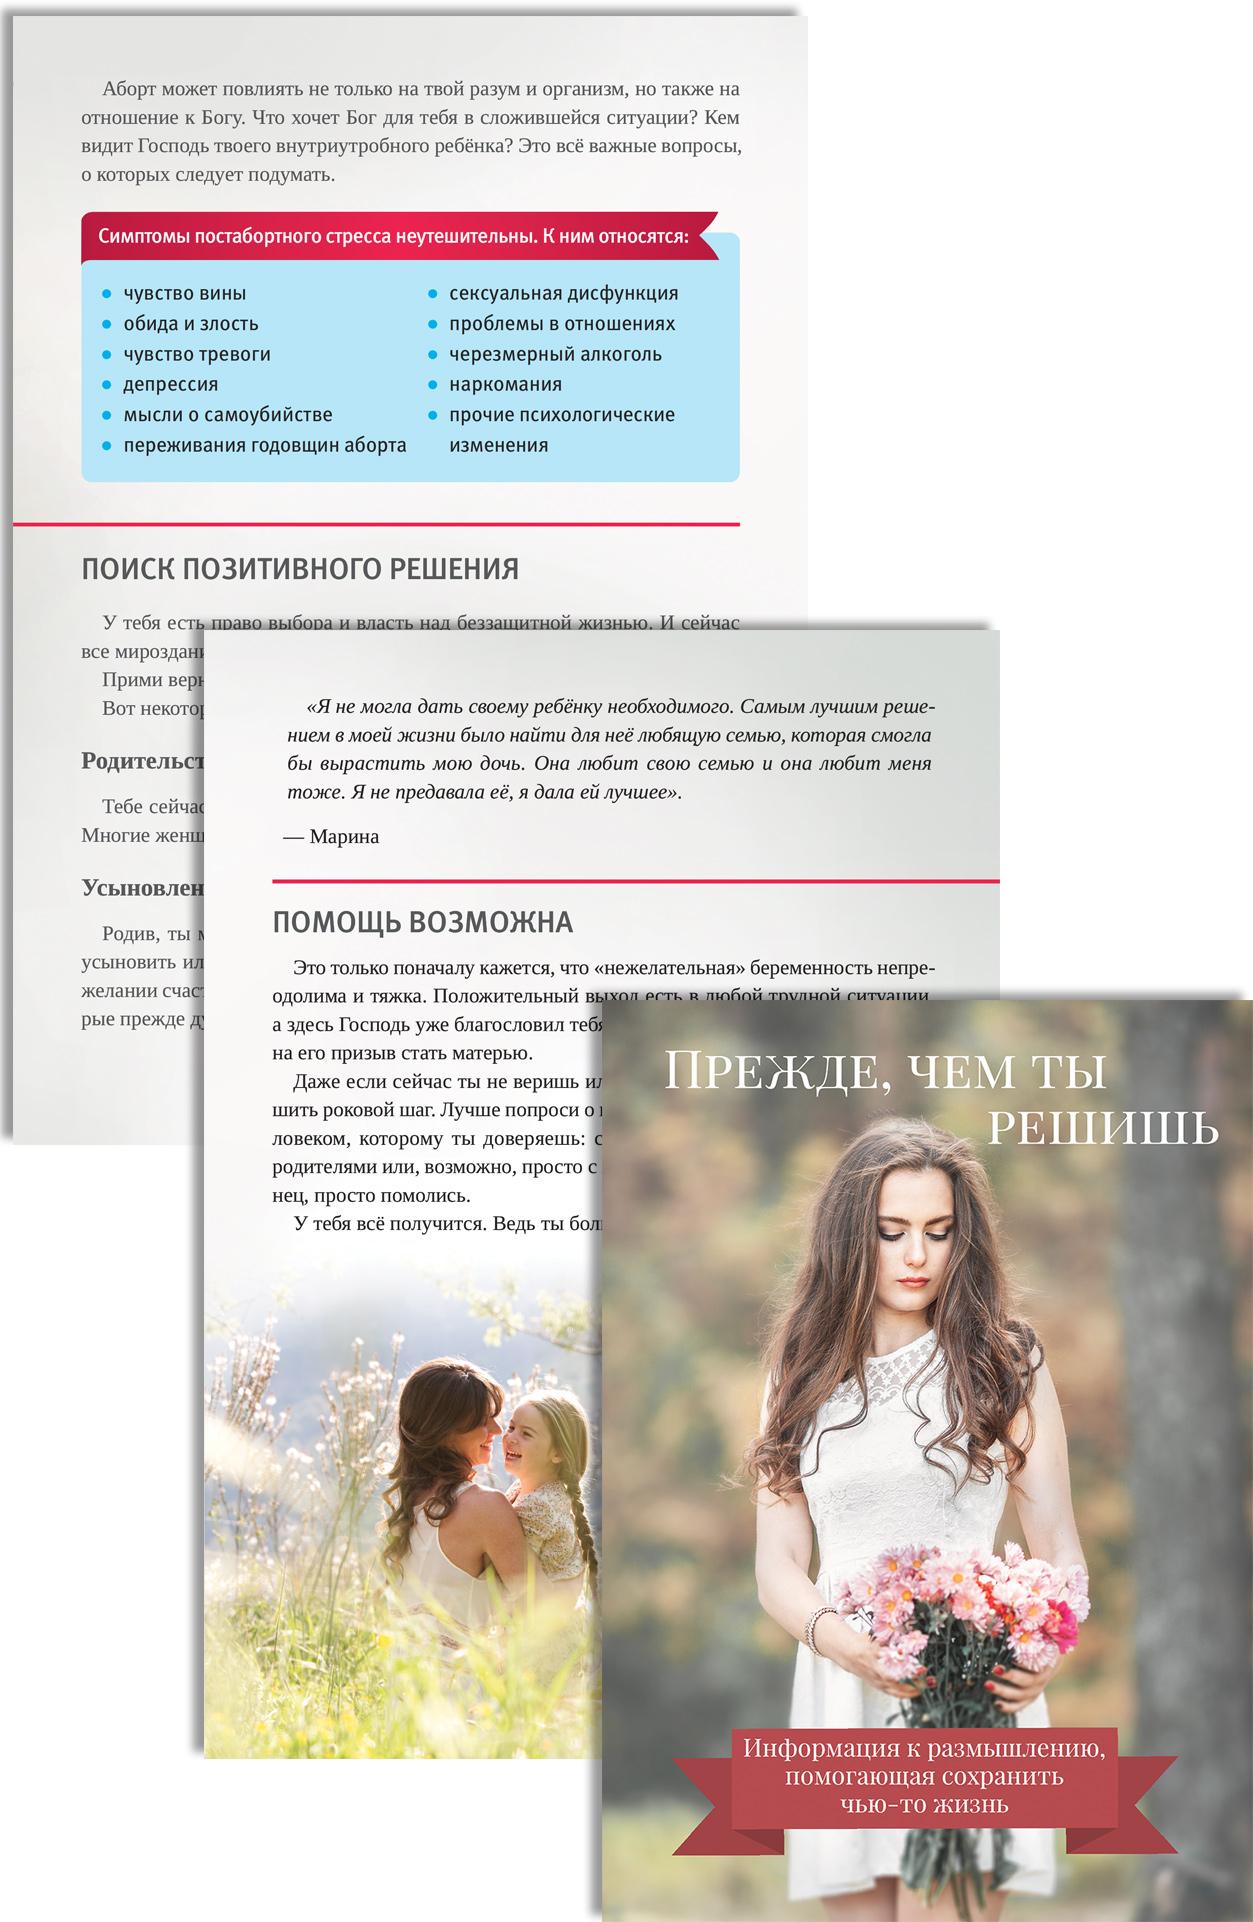 Образцы страниц из брошюры